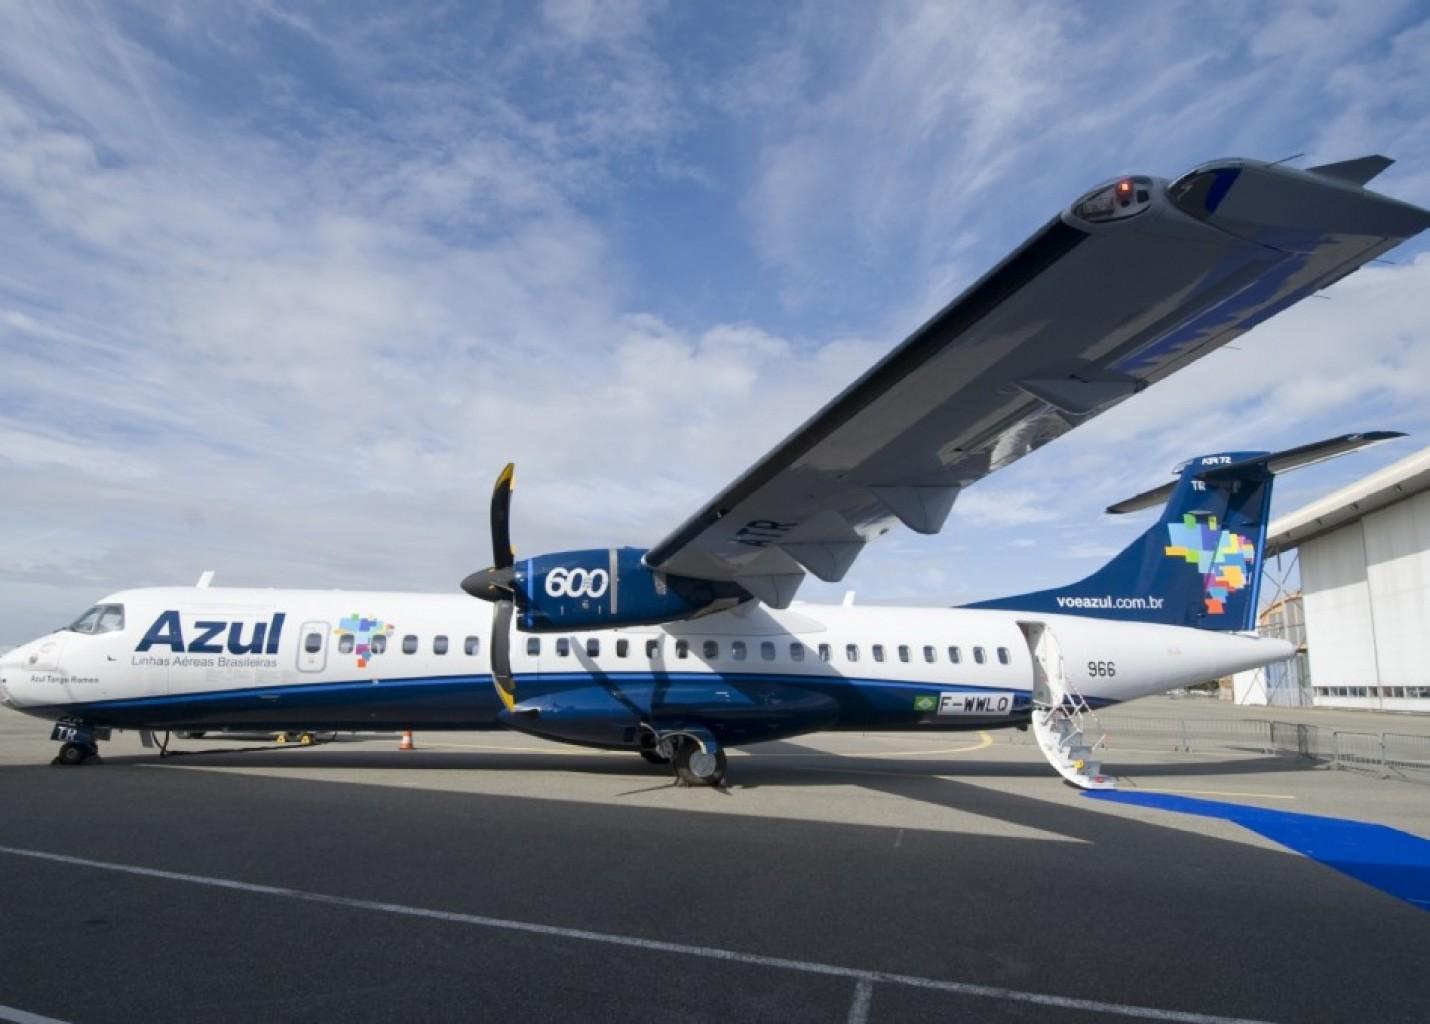 Azul passa a operar 16 voos diários em Congonhas nesta quarta (5)